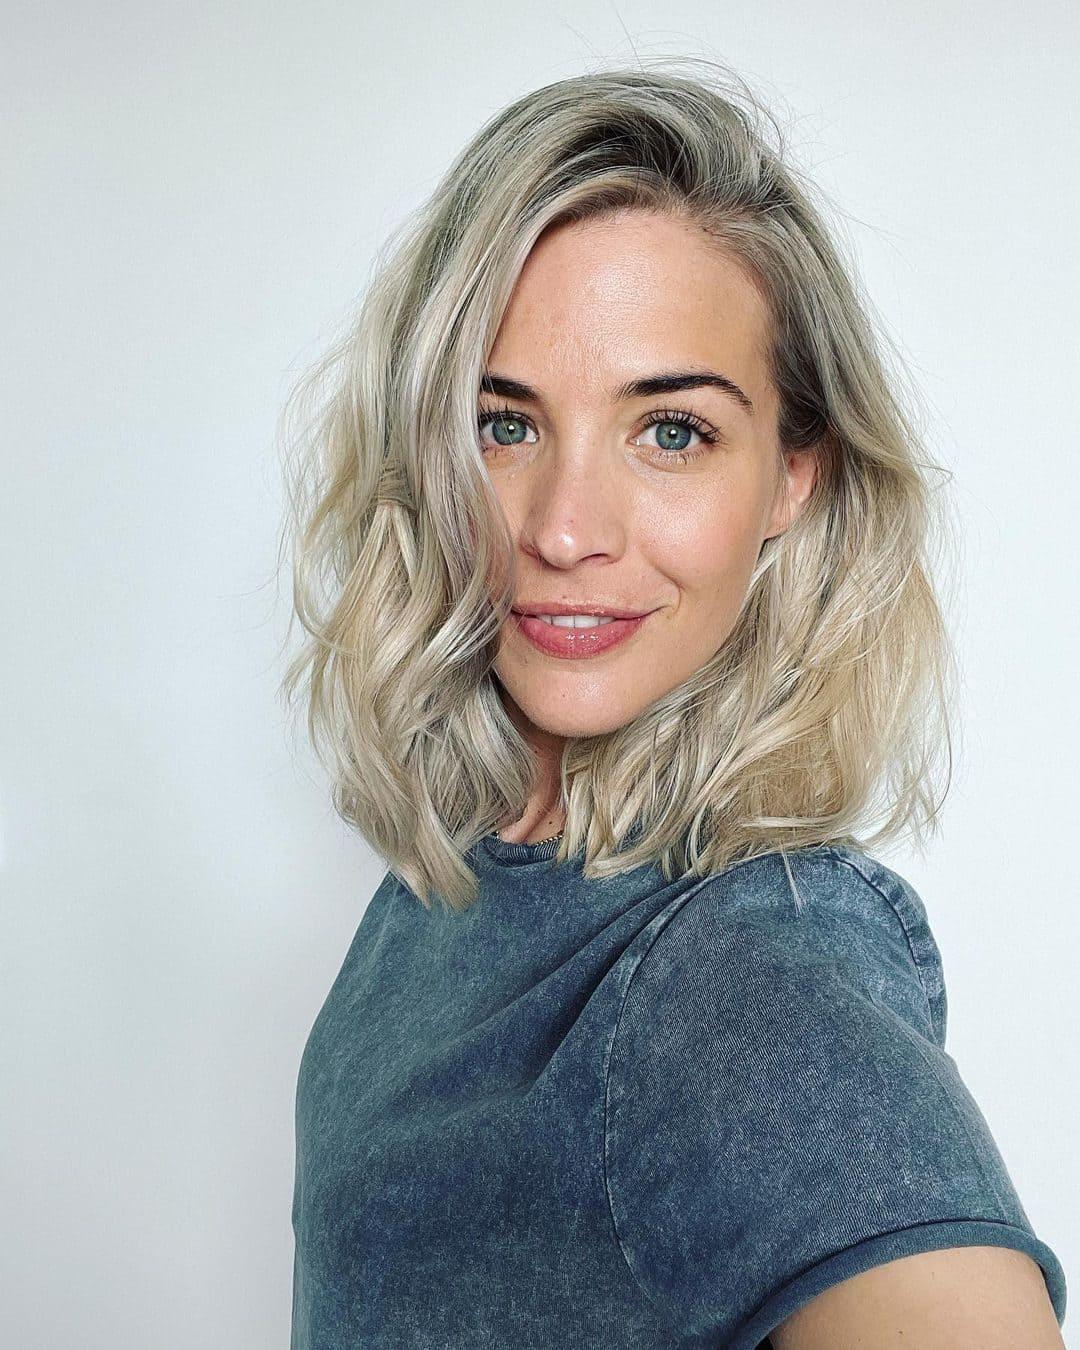 Gemma Atkinson (Actress) Wiki, Age, Husband, Net Worth & More 3